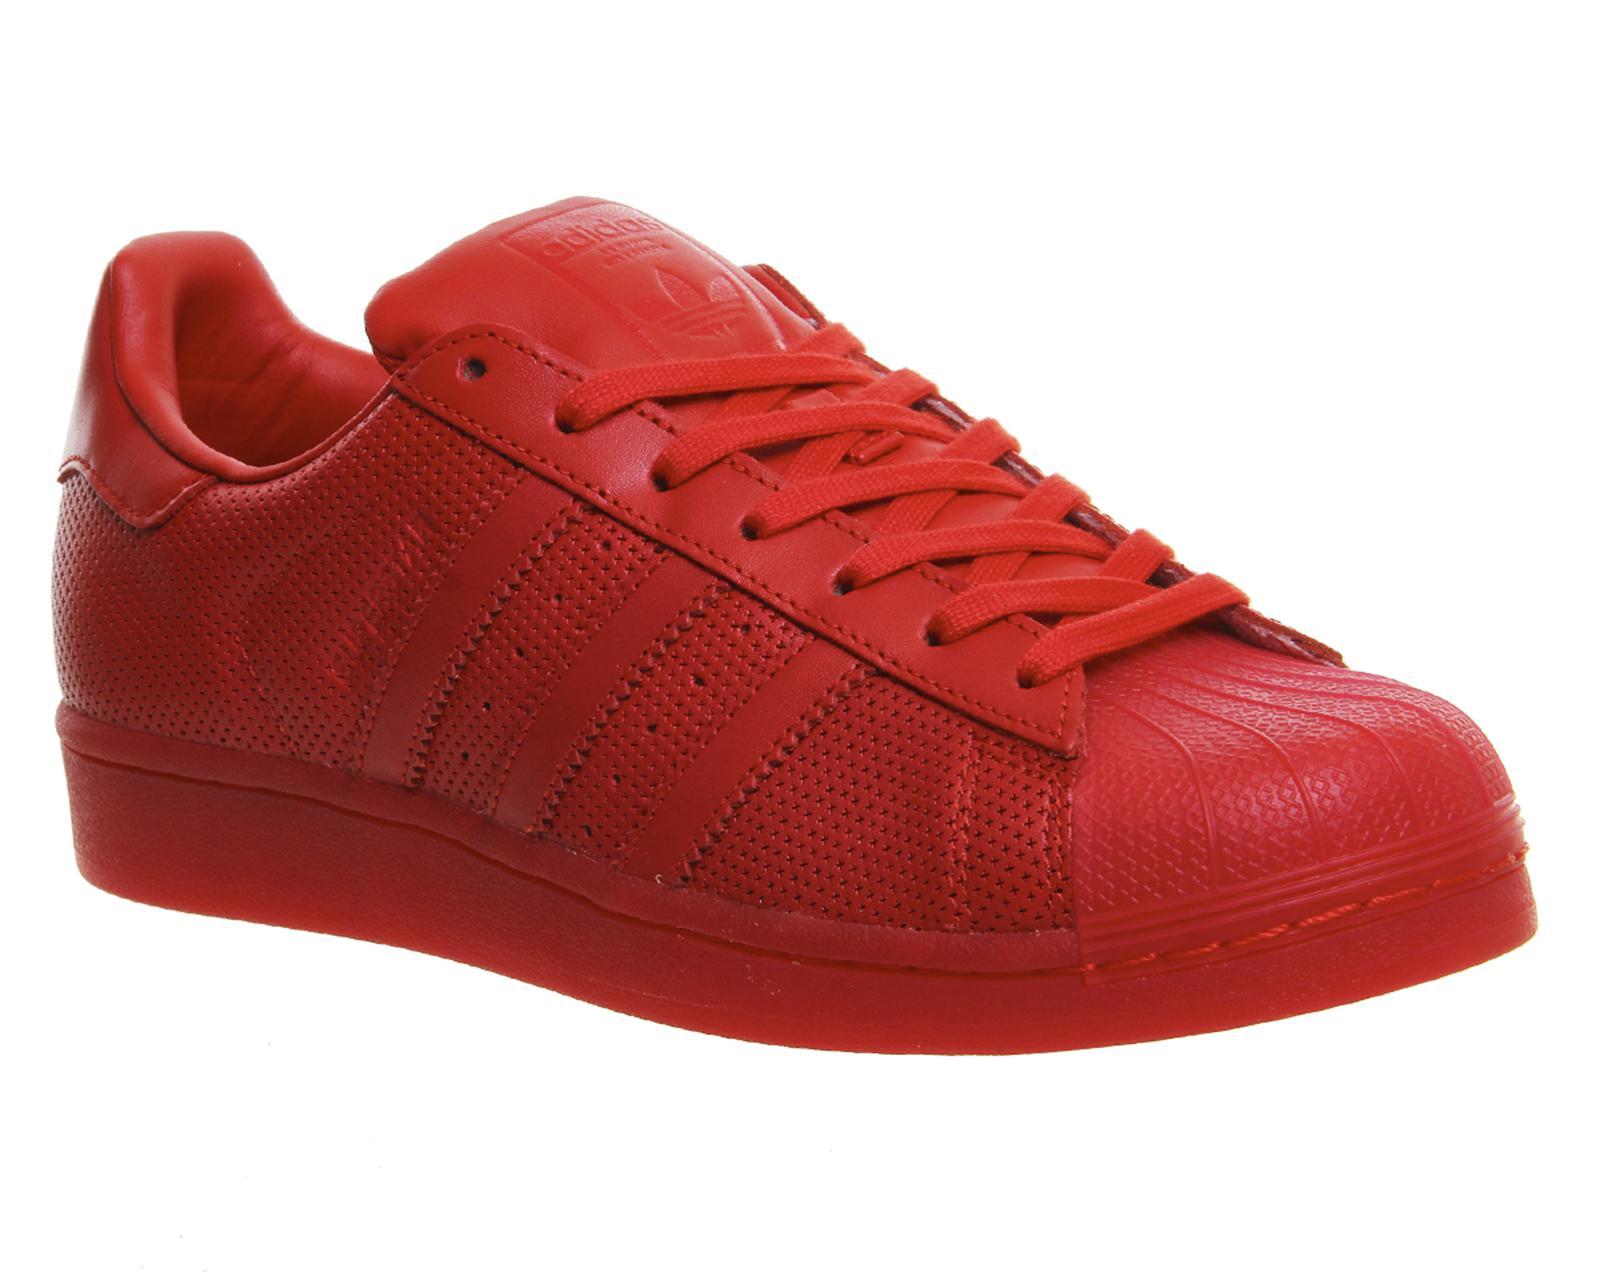 Adidas superstar s80326 adicolor formatori in rosso s80326 superstar in rosso per gli uomini lyst 1831ac